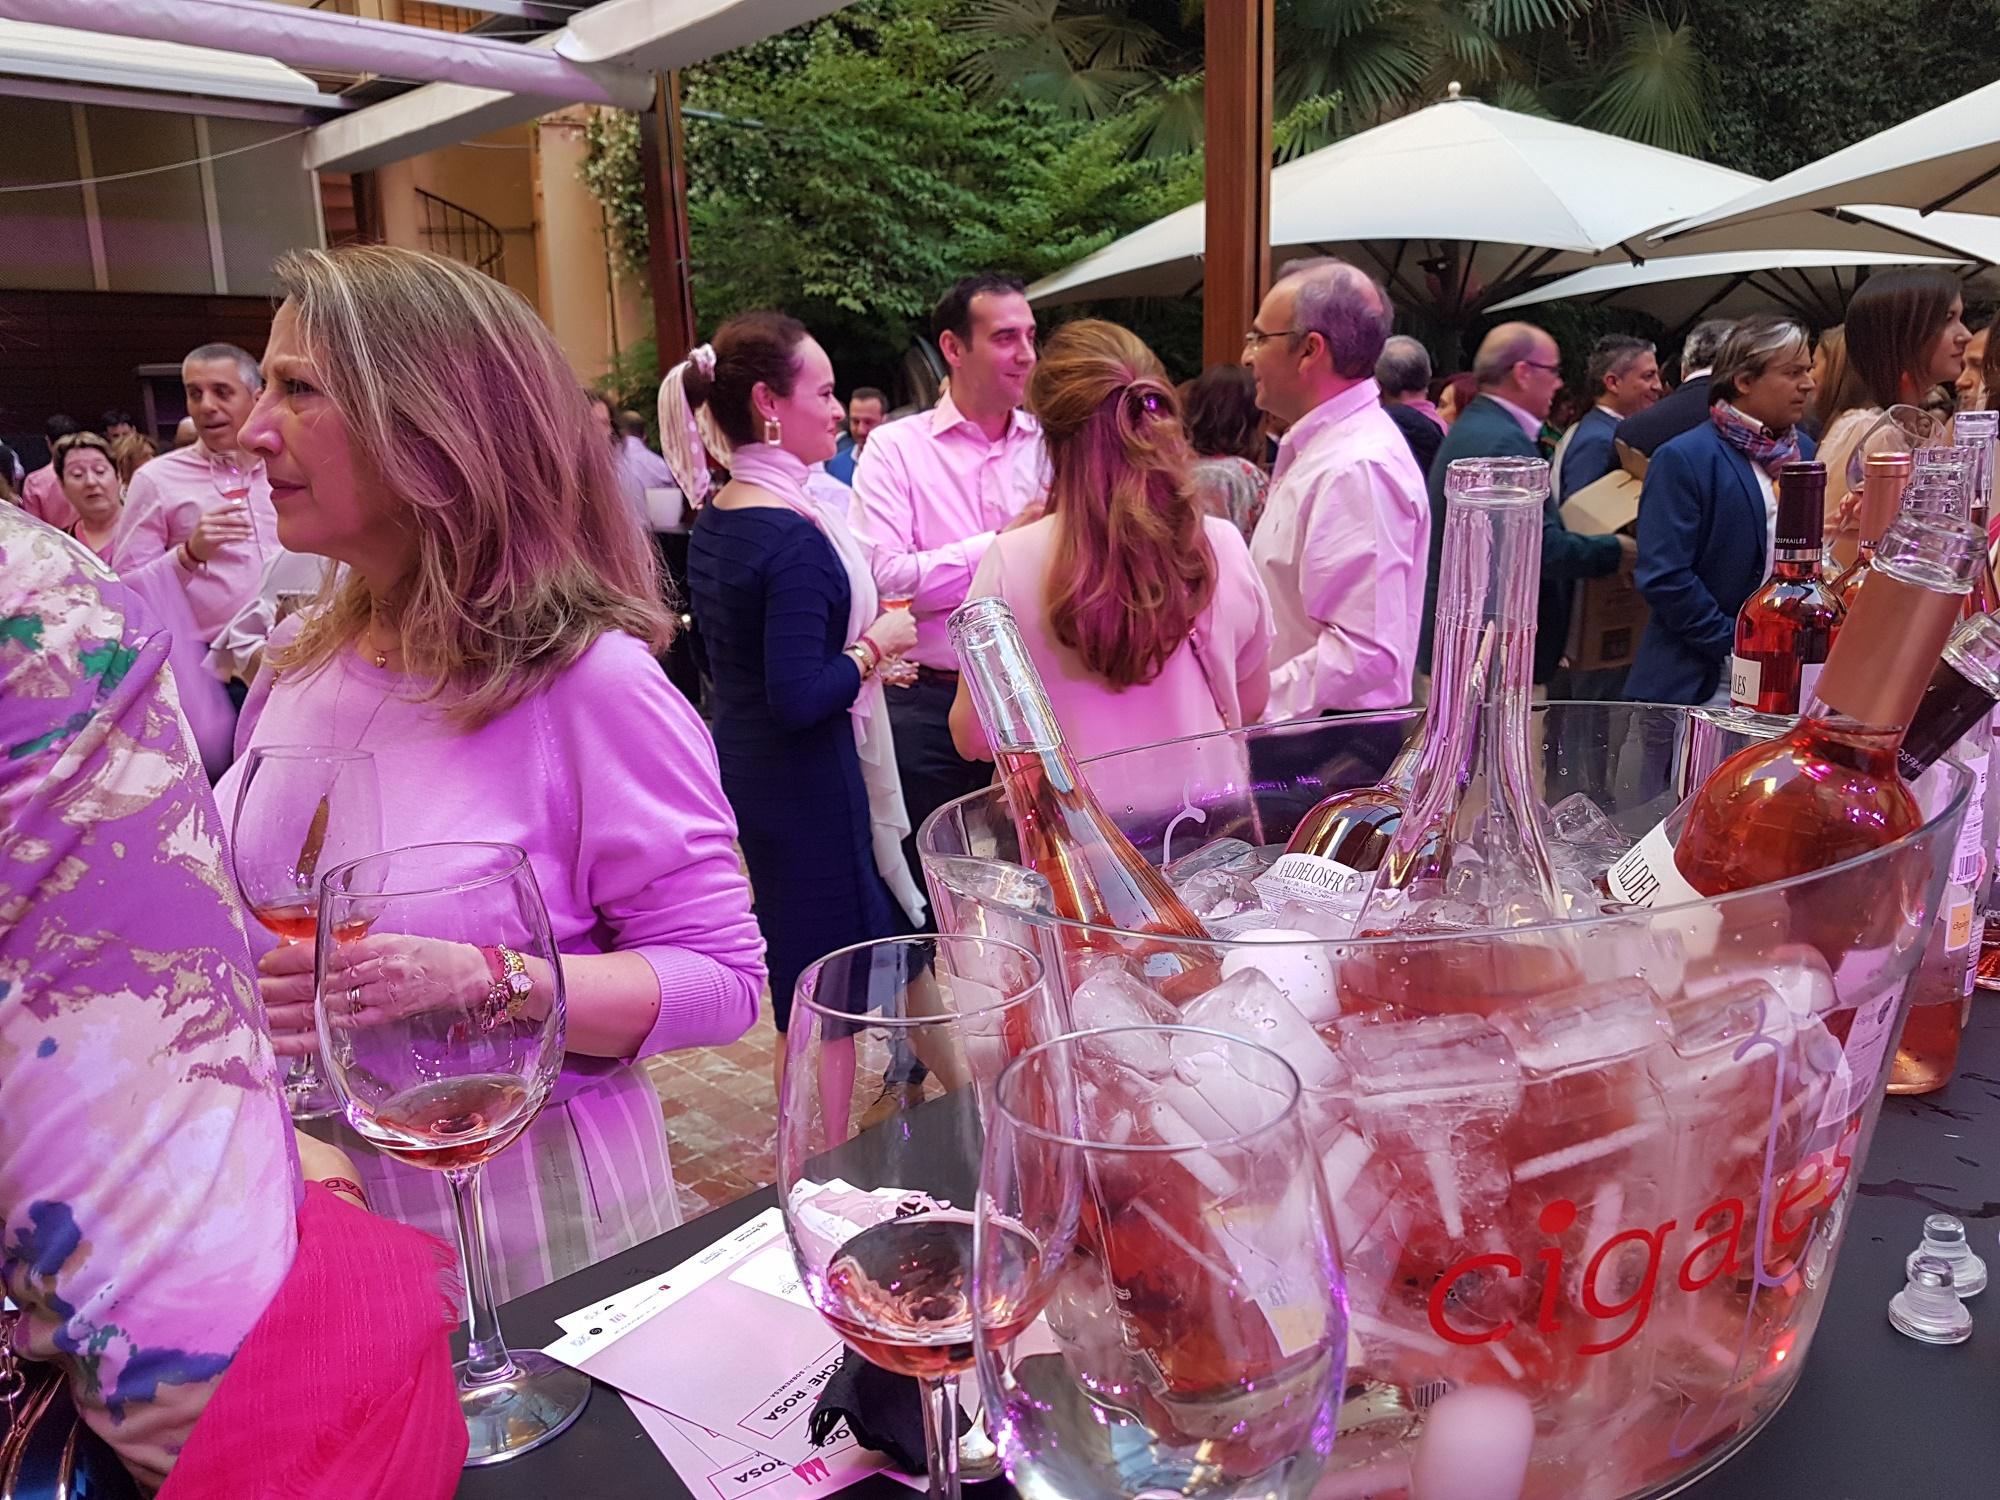 Éxito del efecto rosa de la DO Cigales en la noche madrileña